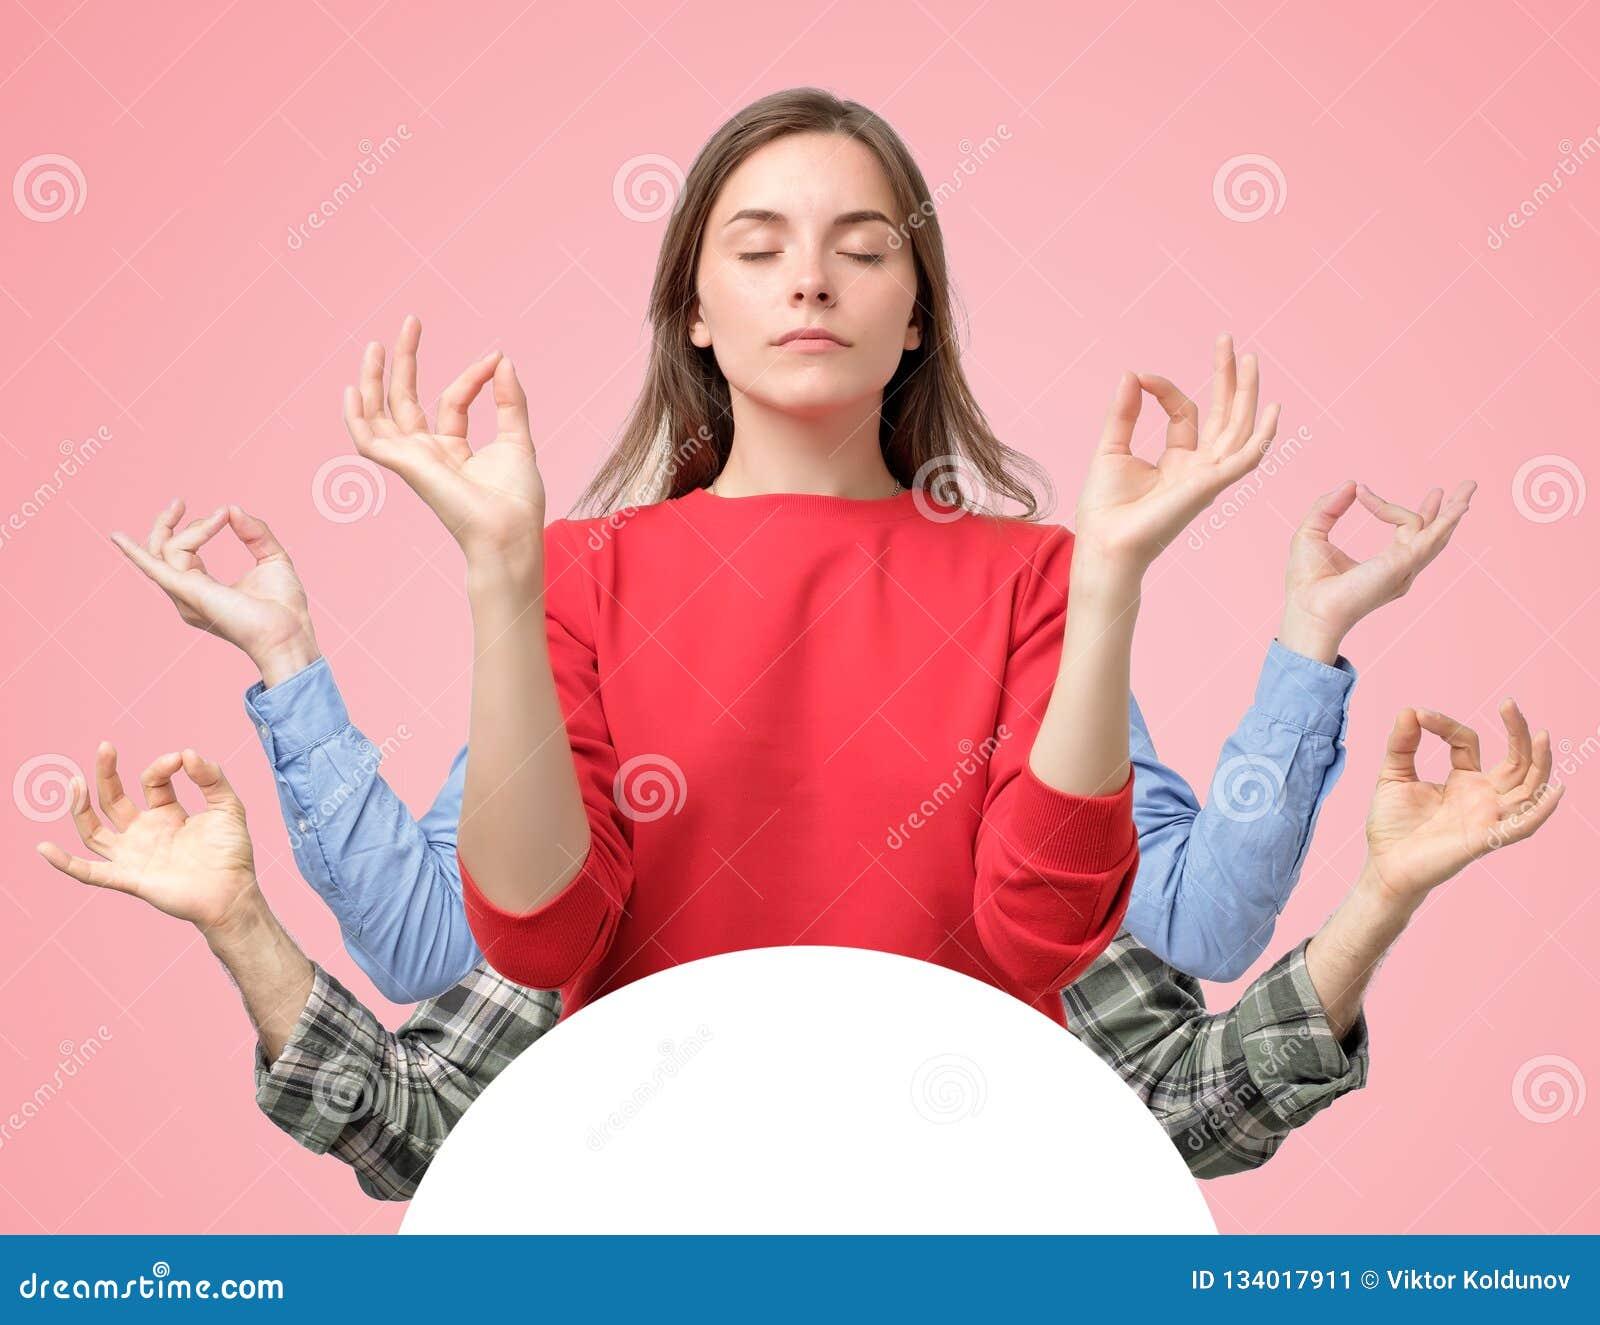 Collage de la mujer y de dos manos de los hombres que intentan relajar meditar con los ojos cerrados